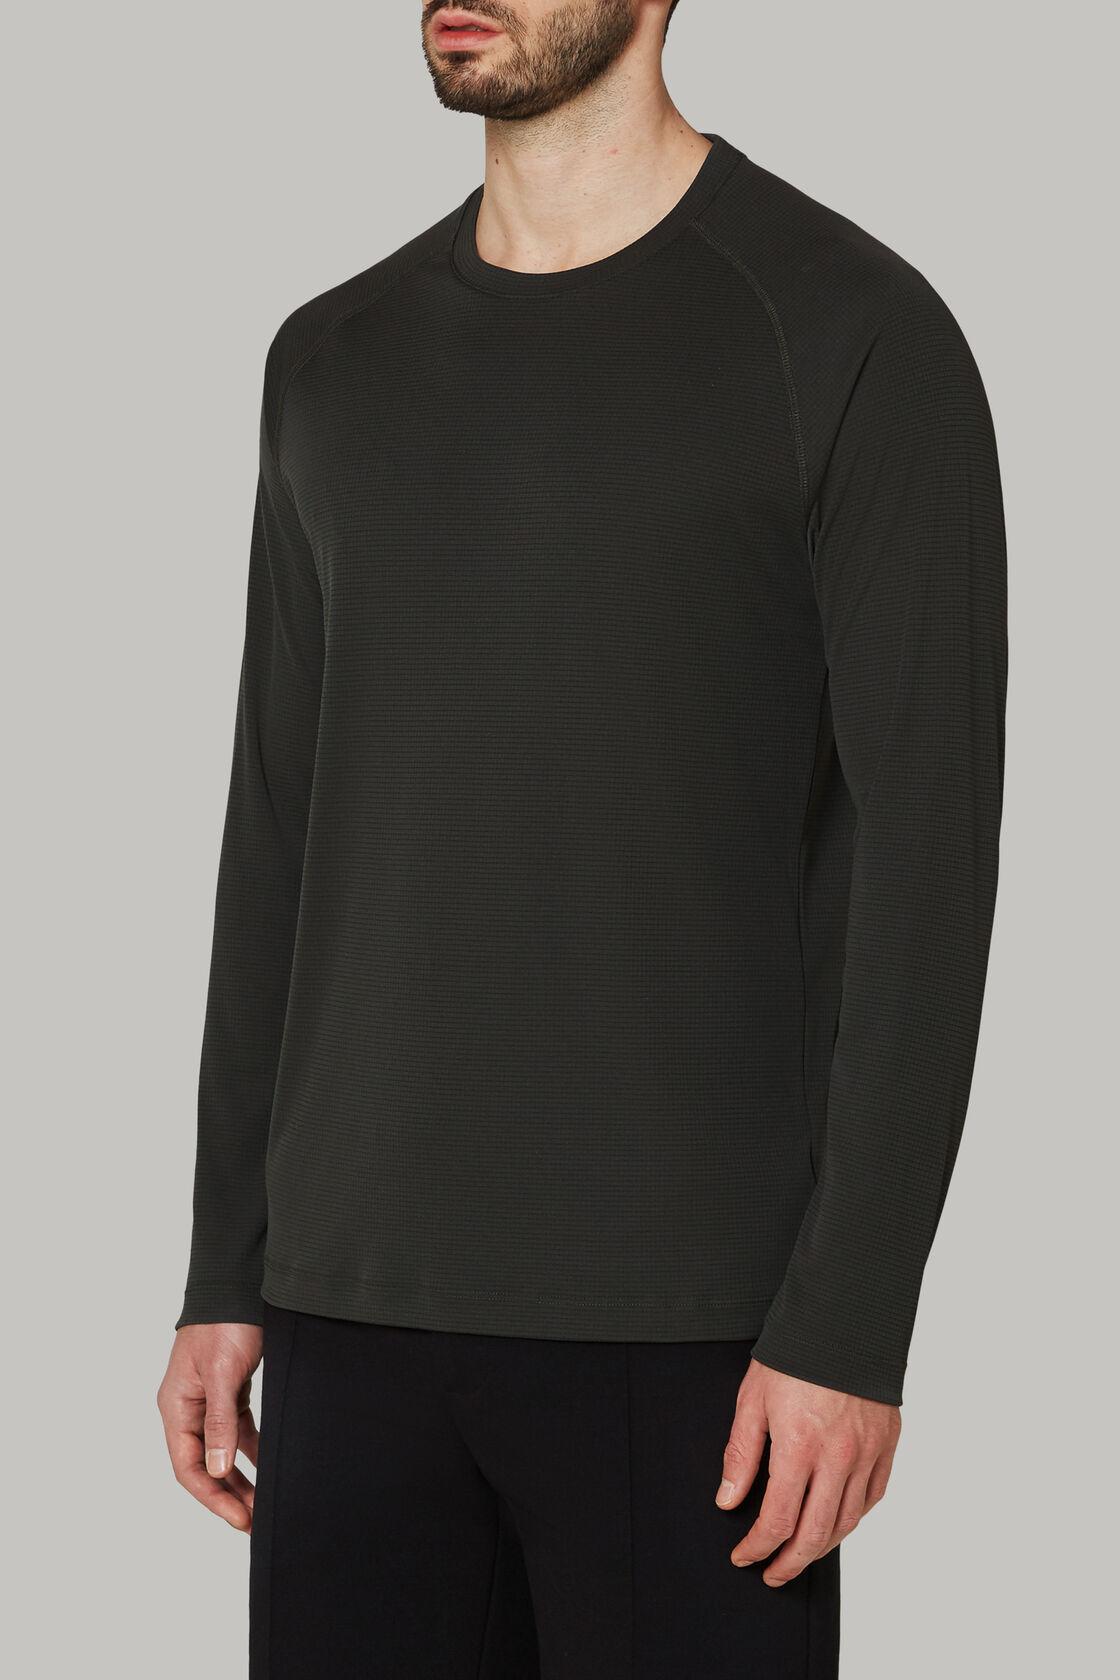 T-shirt aus technischem und nachhaltigem jersey, Militärgrün, hi-res